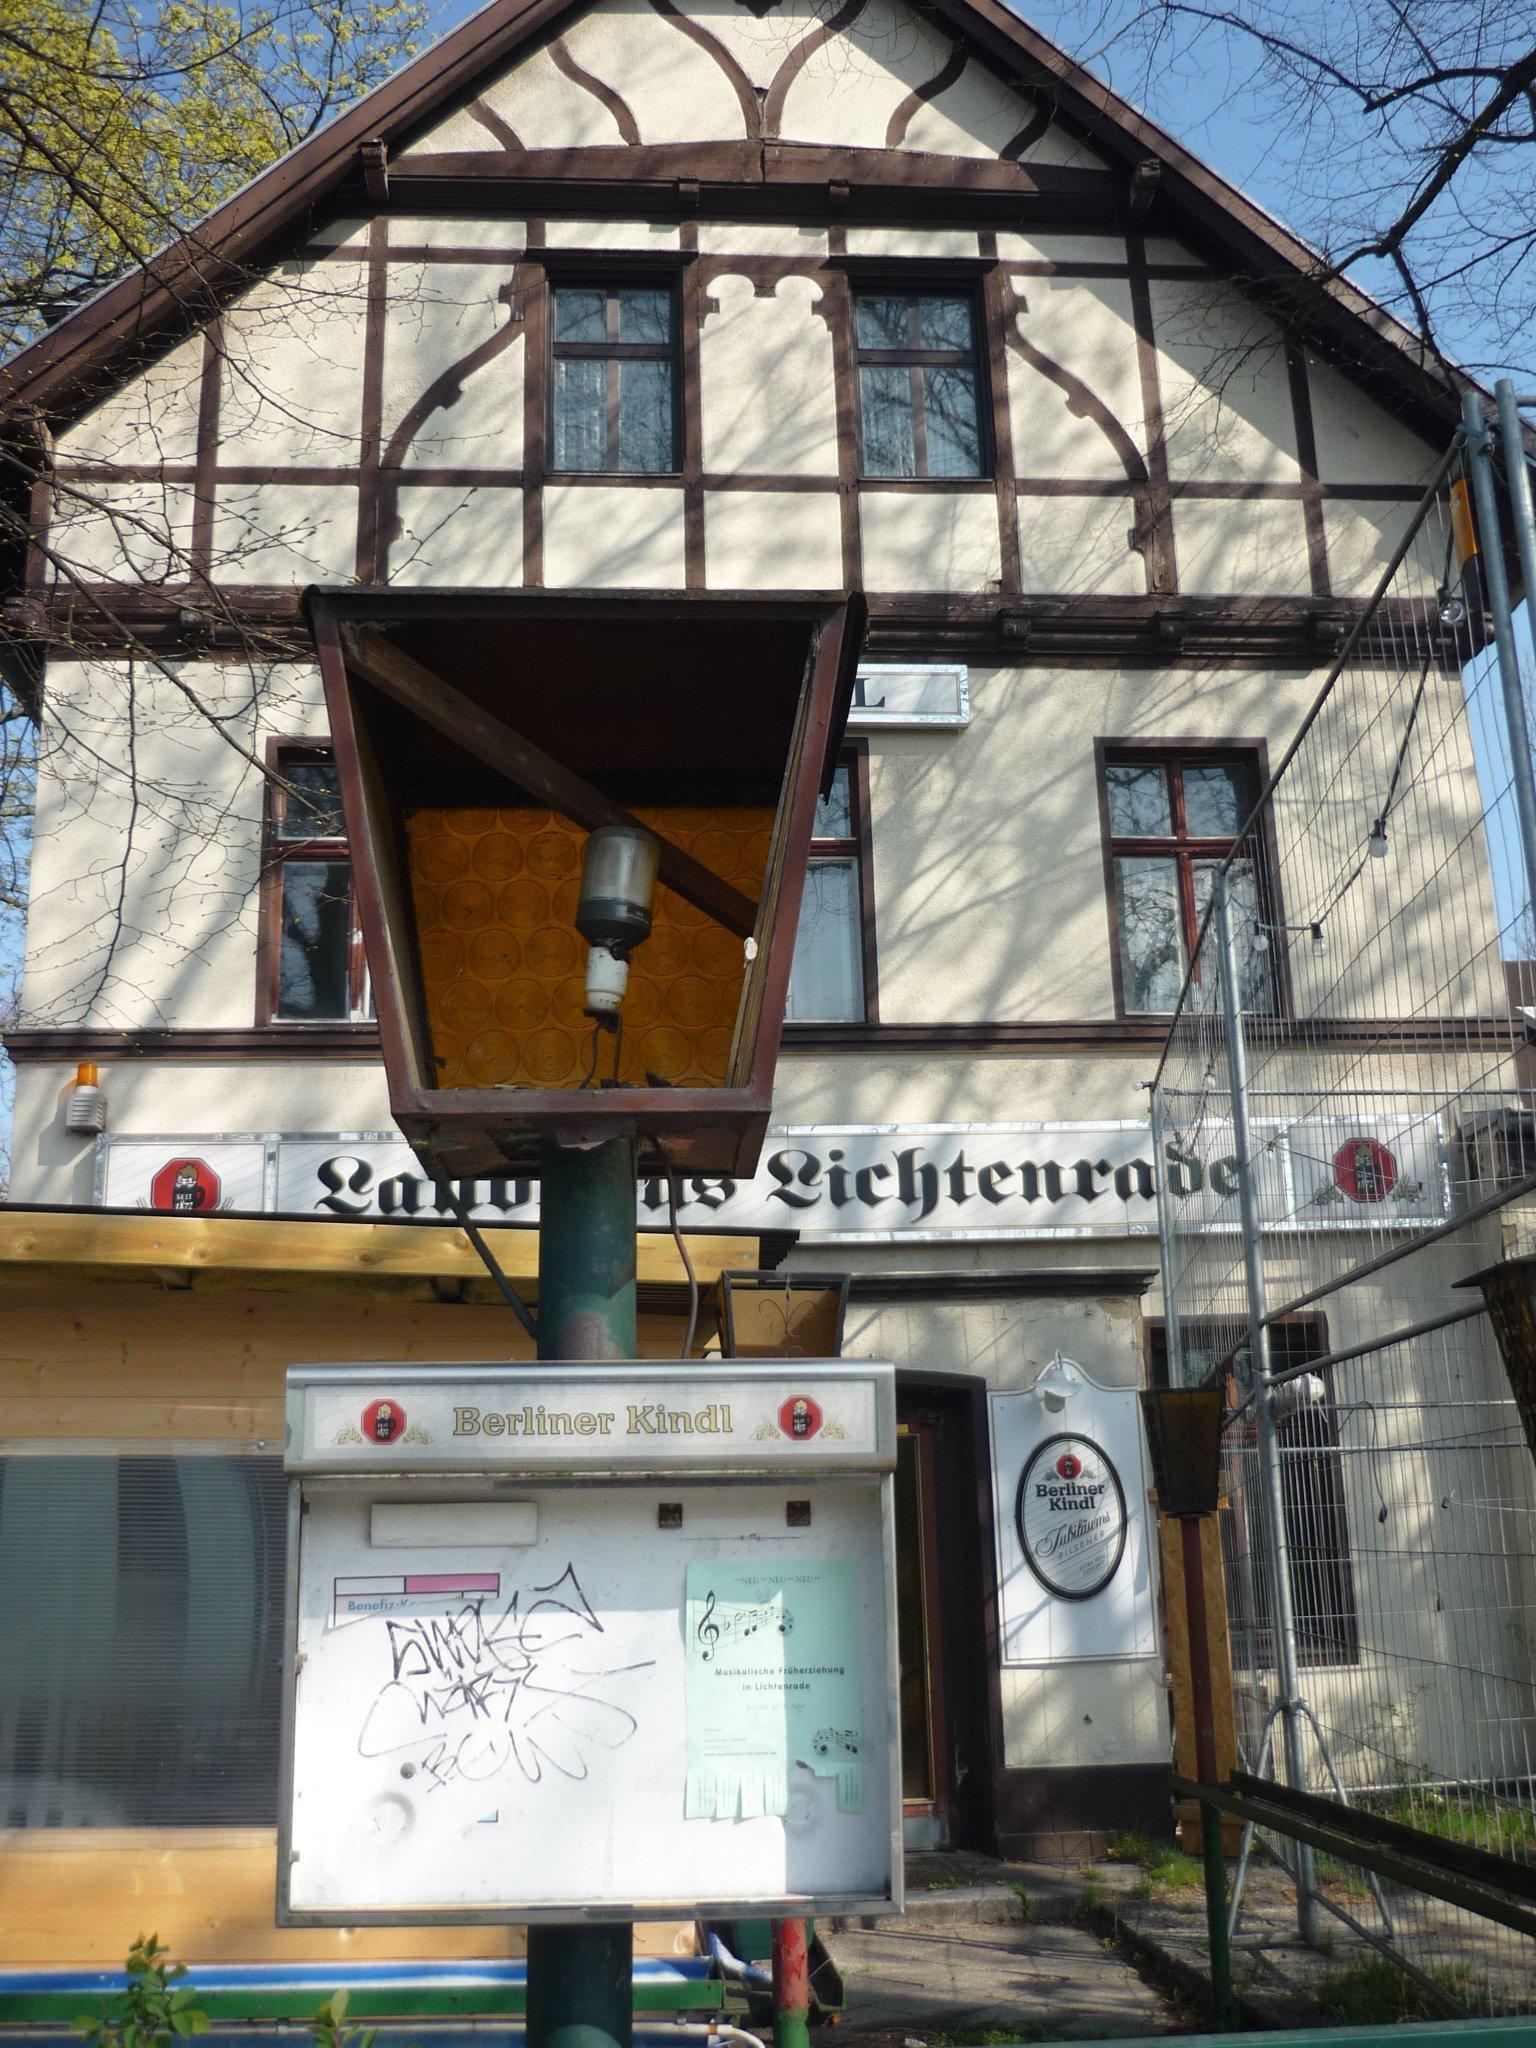 Karte Berlin Lichtenrade.Landhaus Lichtenrade Gerettet Malzerei Und Haus Buhr Jetzt In Einer